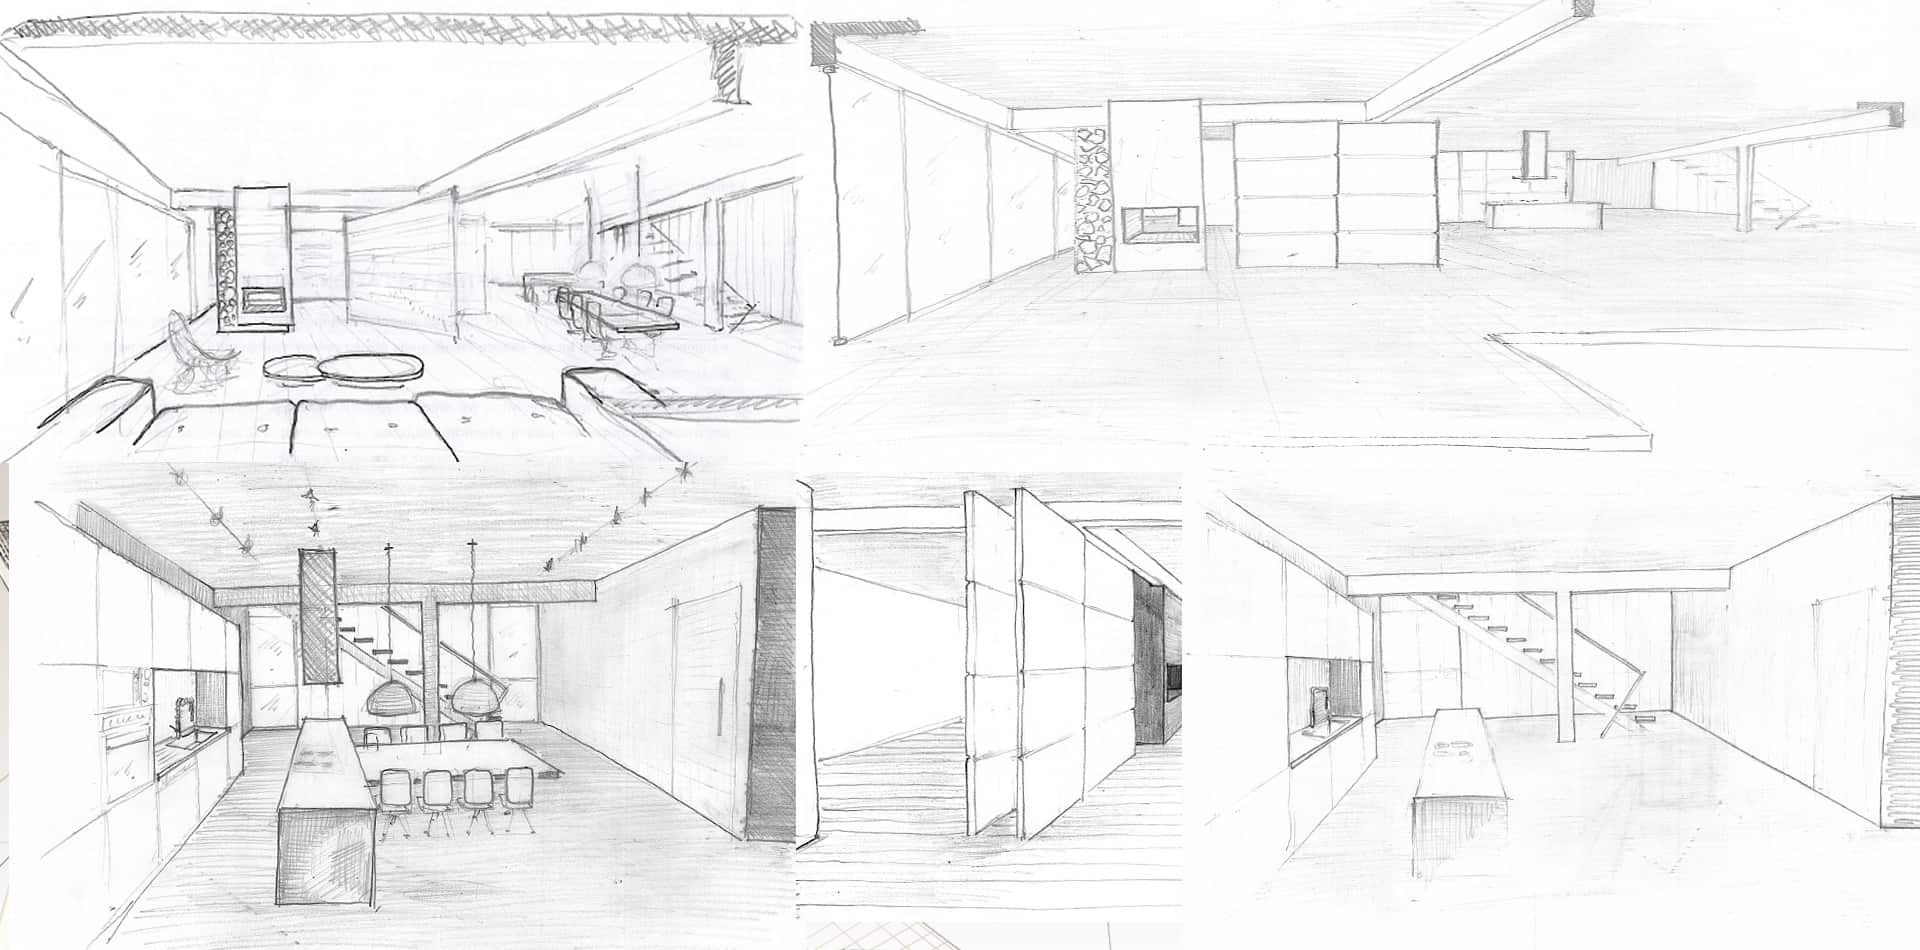 Αρχιτεκτονικός Φωτορεαλισμός εσωτερικό σπίτι στην Αθήνα